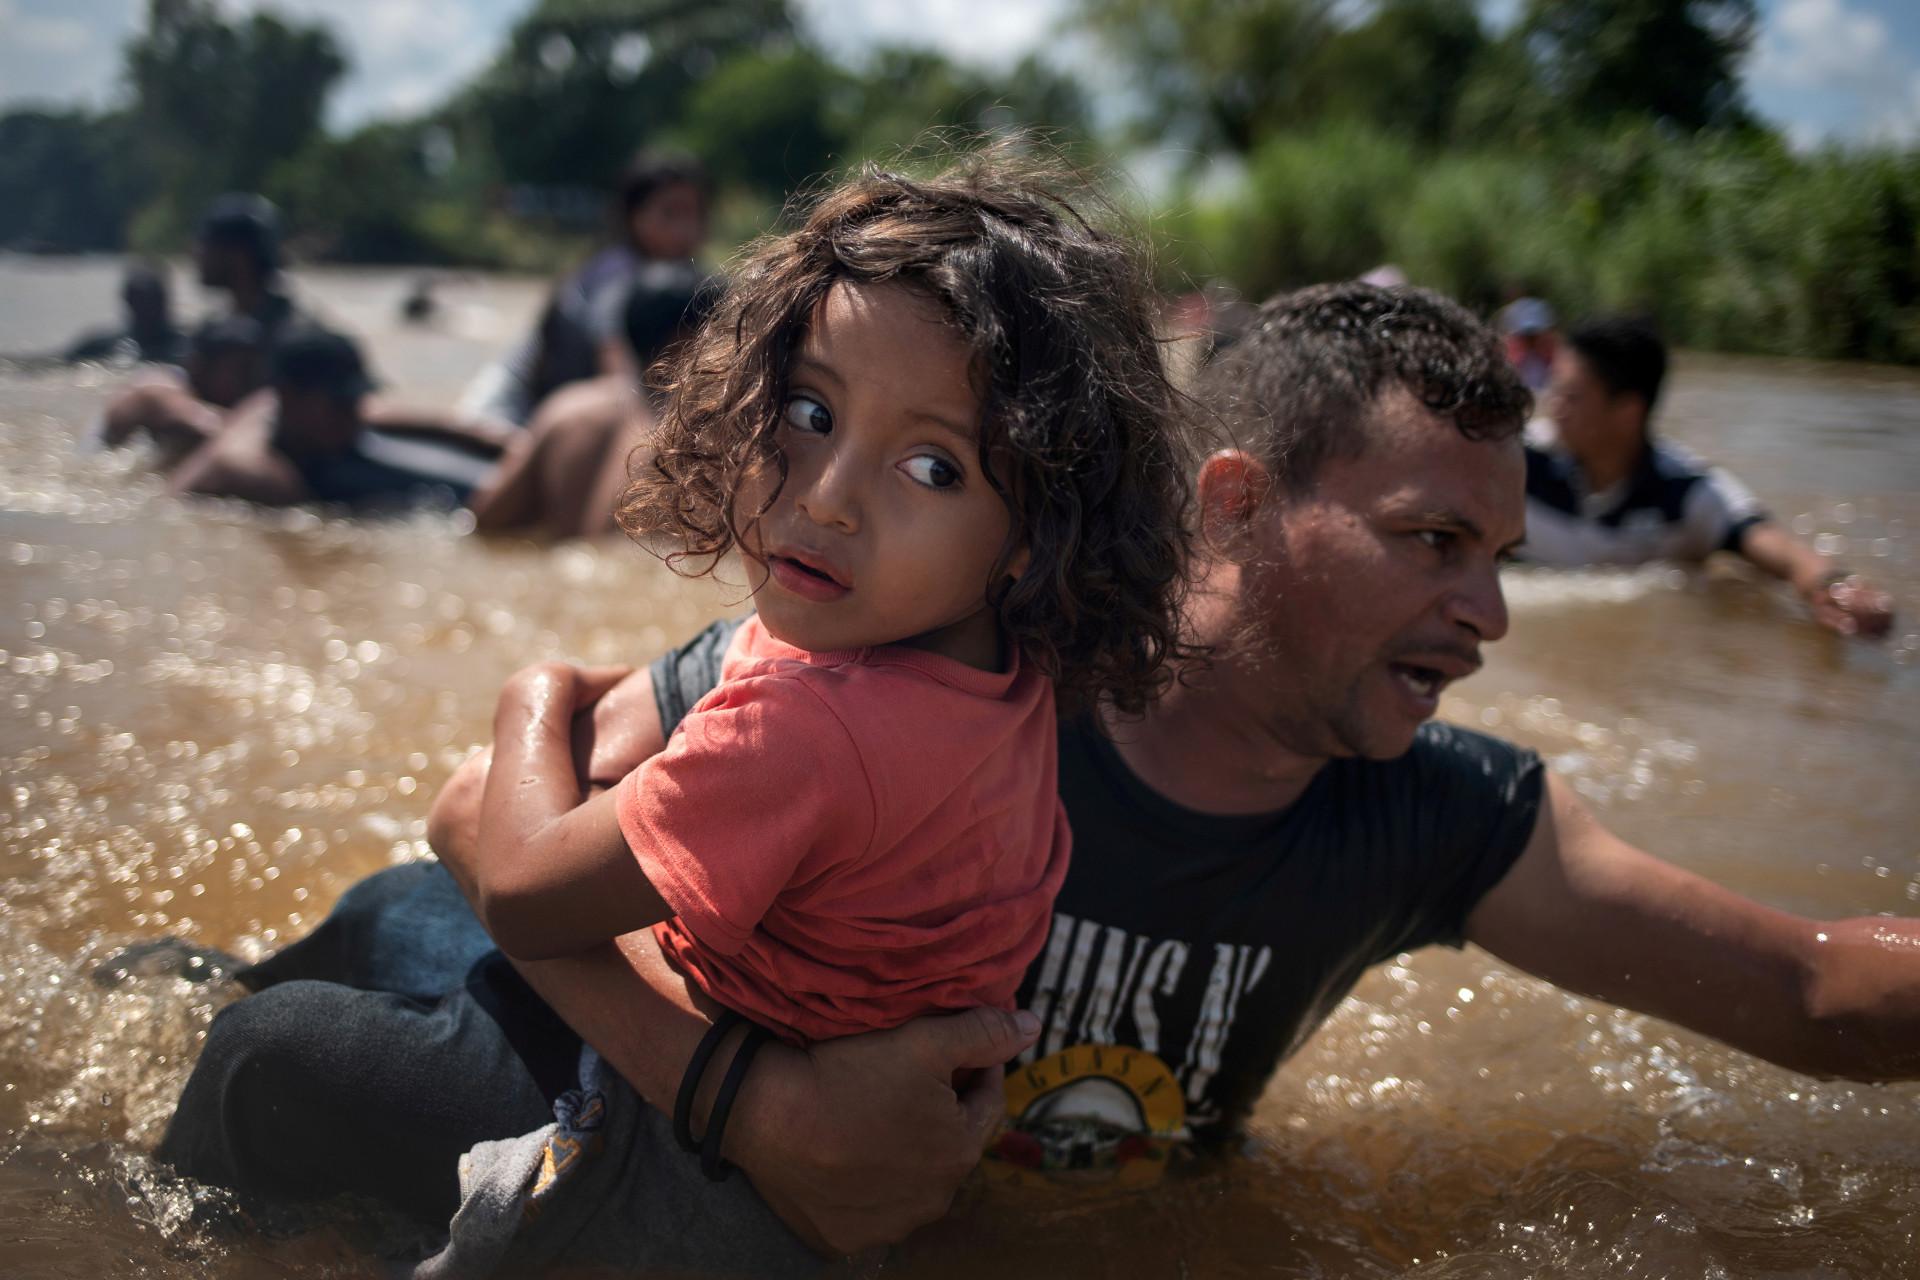 O sorriso e as lágrimas das crianças na travessia migratória rumo aos EUA